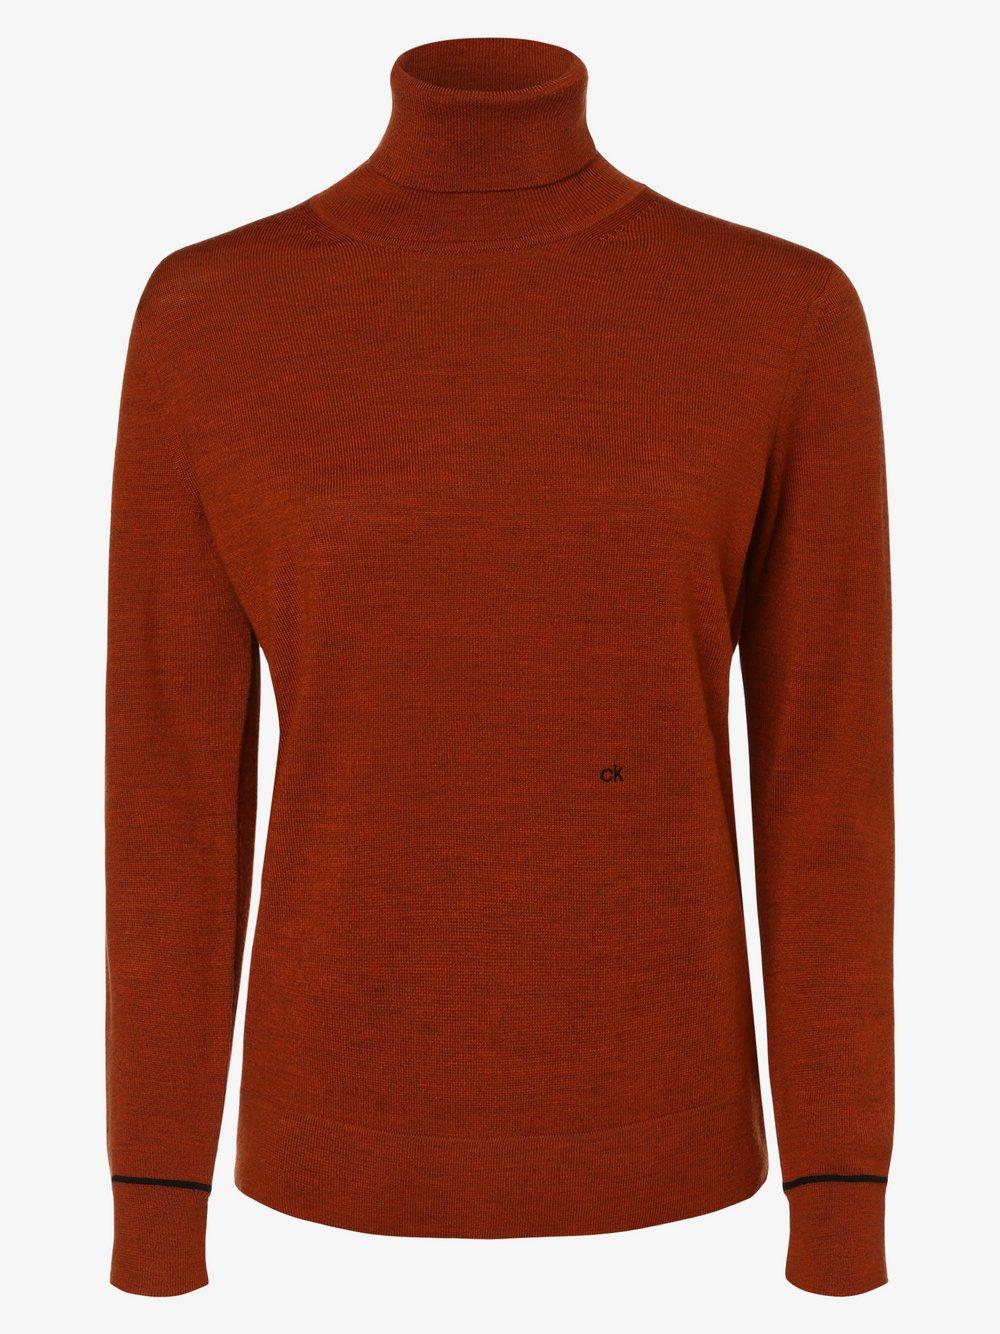 hot sale online 9df38 e2ec8 Damen Pullover aus Wolle